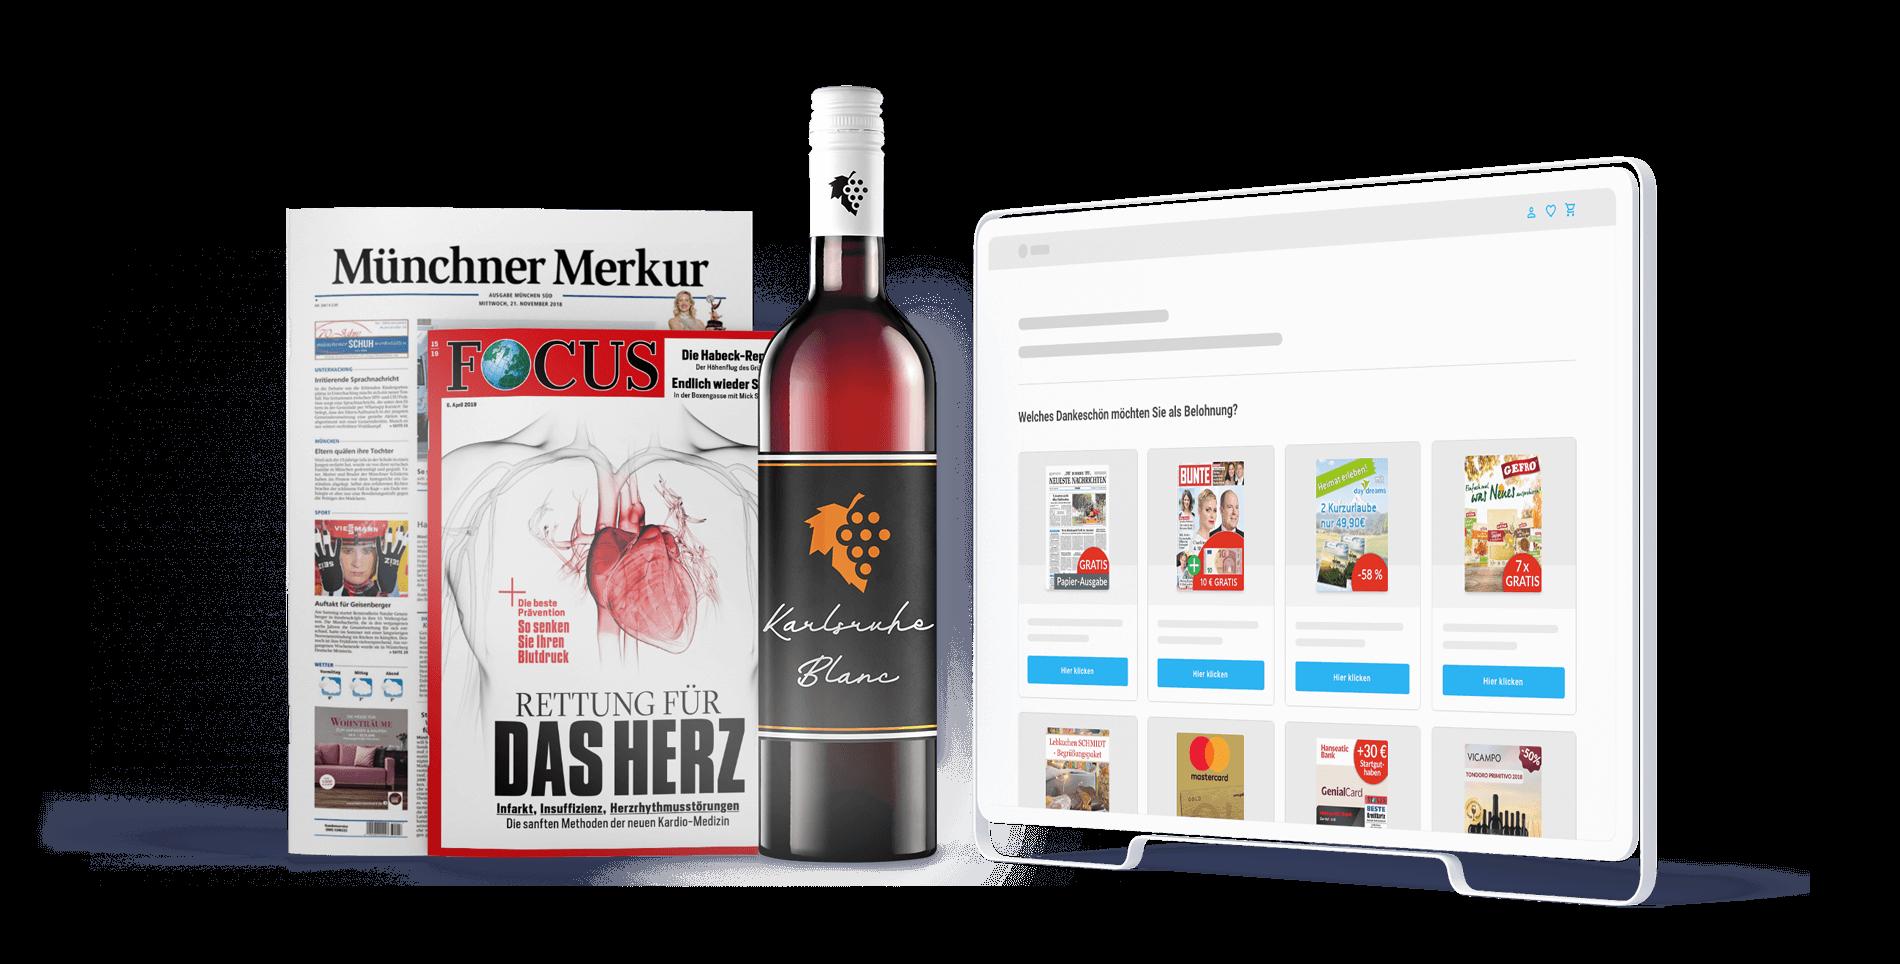 Zeitung Münchner Merkur, Focus, Flasche Wein Karlsruhe Blanc und Sovendus Produkt Seite auf Desktop-Bildschirm